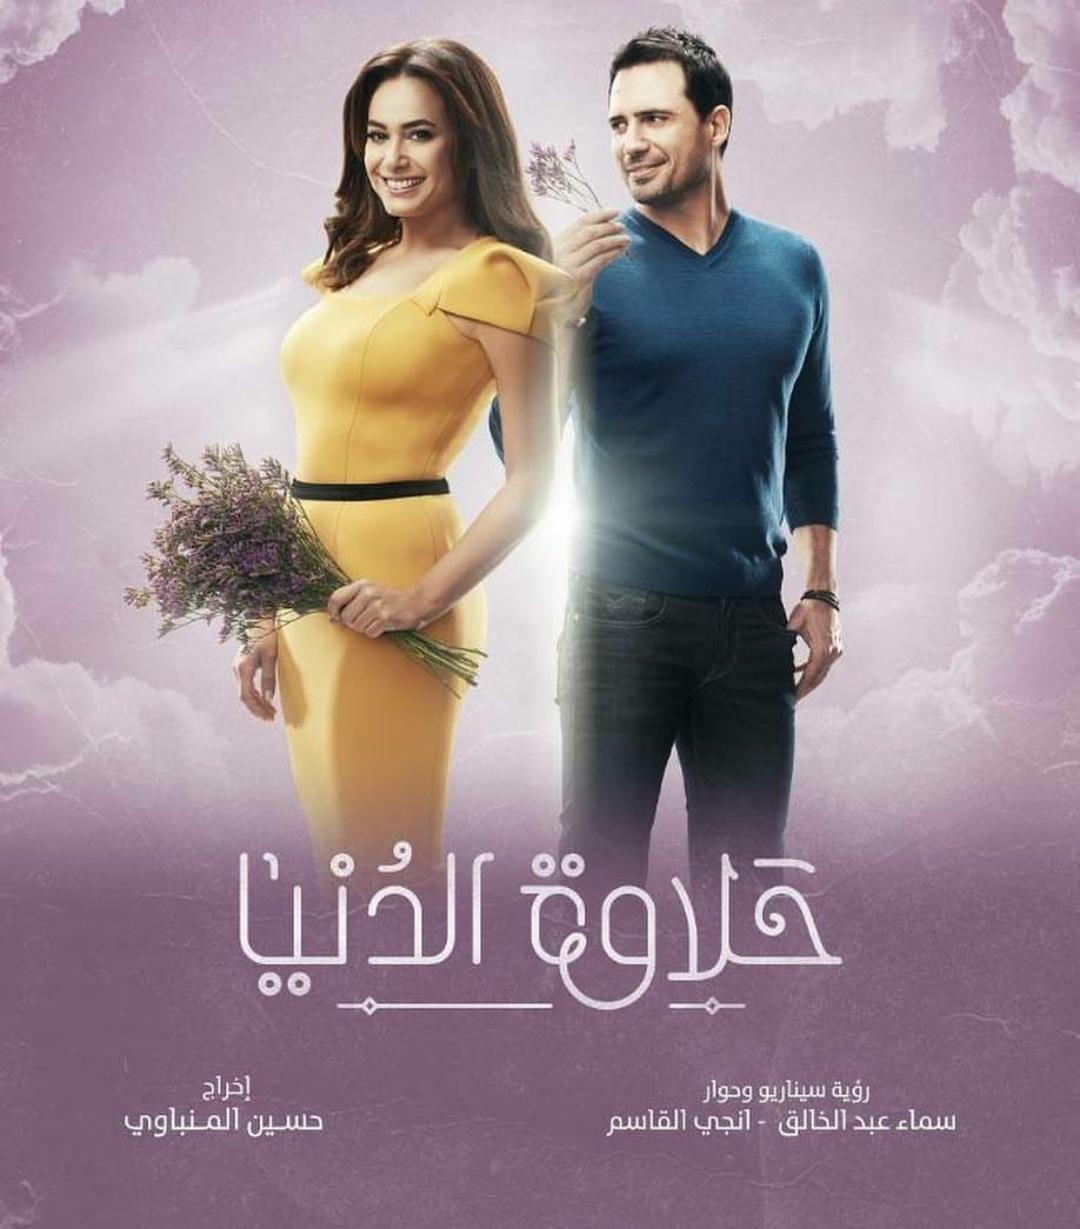 الازمات تنفجر بعد عرض الحلقات الاولي من مسلسلات رمضان 2017